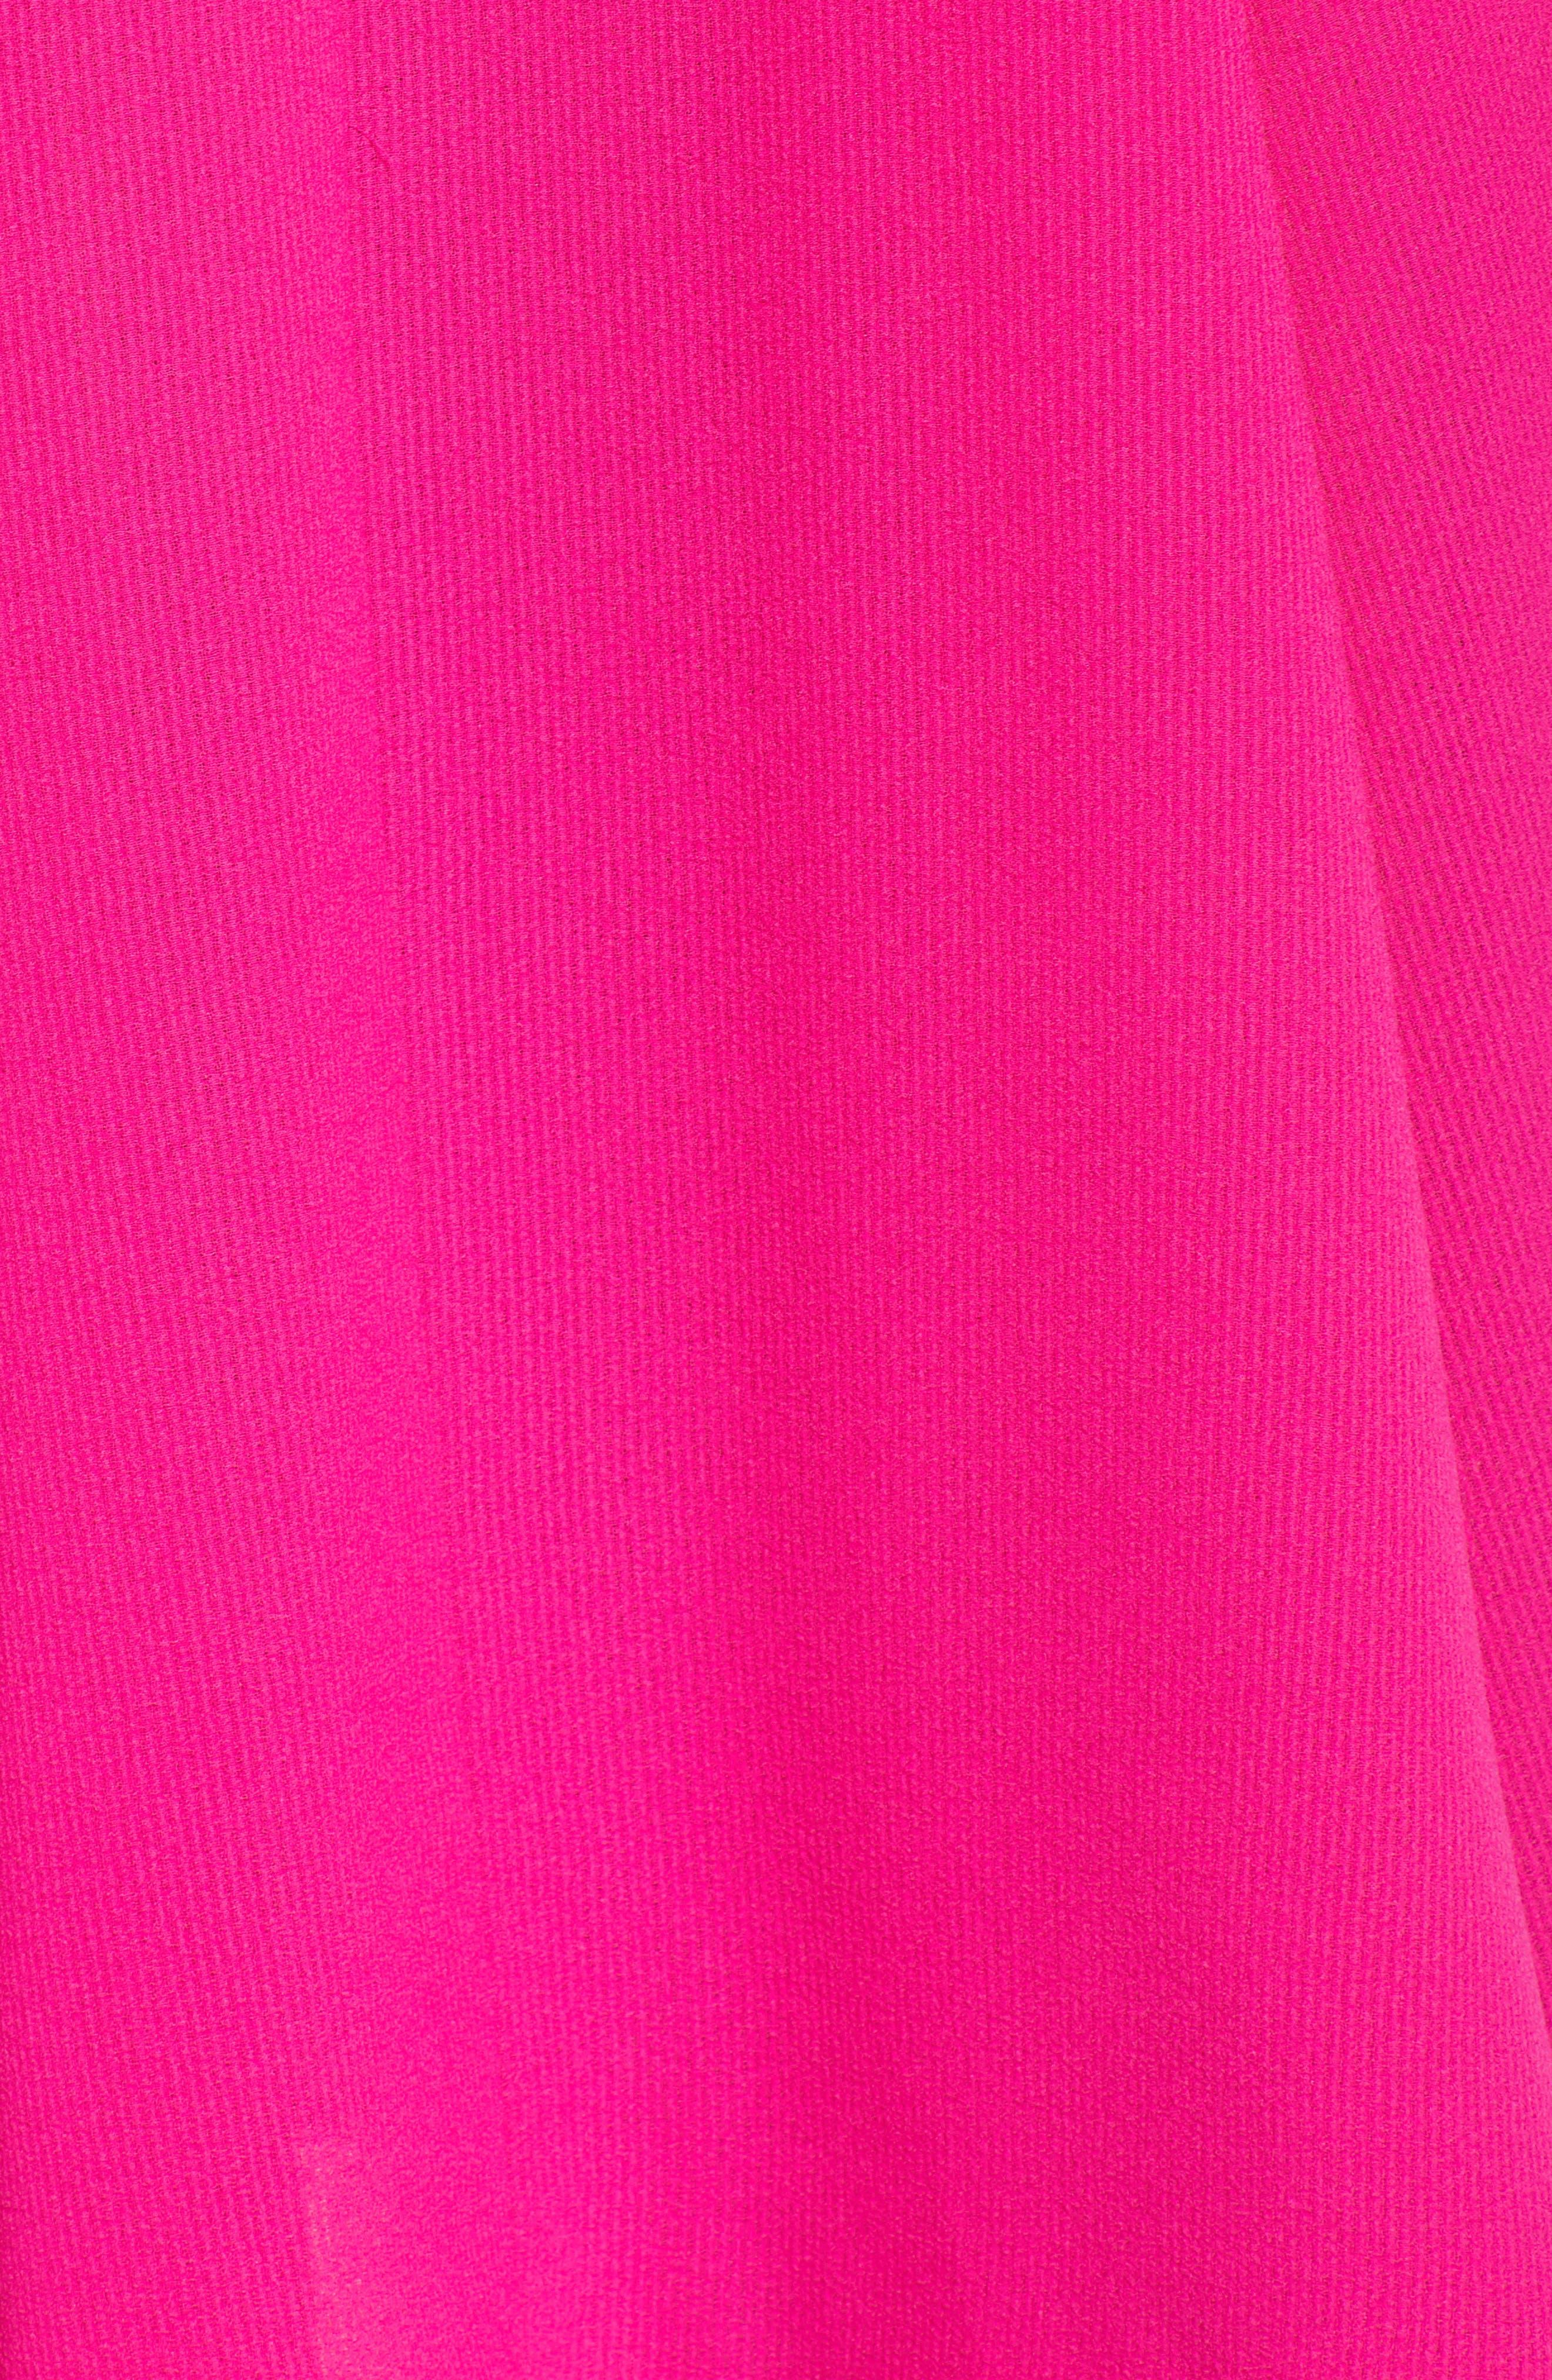 Chiffon Midi Dress,                             Alternate thumbnail 6, color,                             650